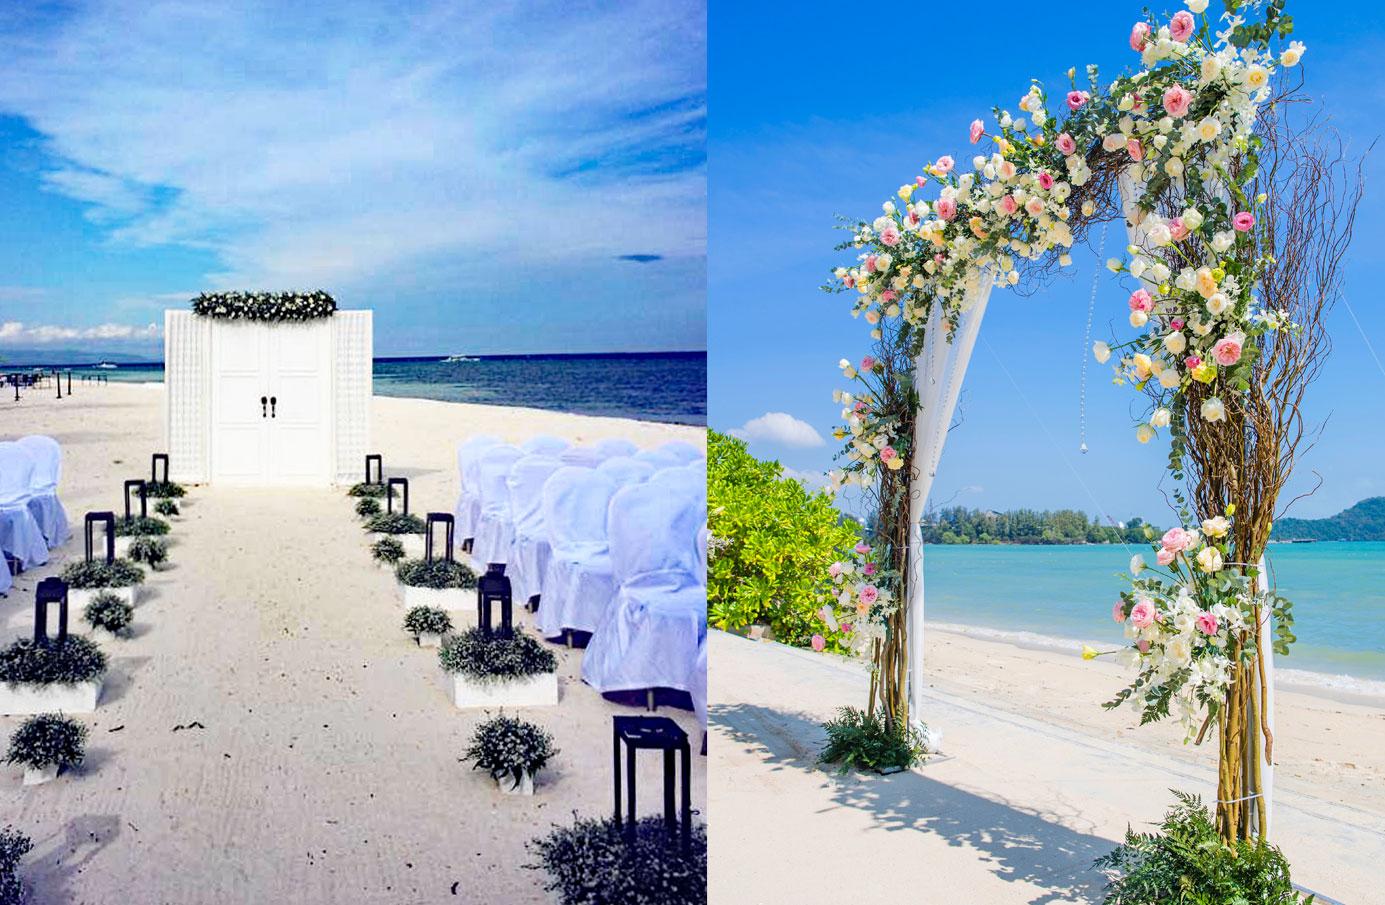 セブ島ウエディング装飾 ビーチ挙式装飾 ビーチ結婚式